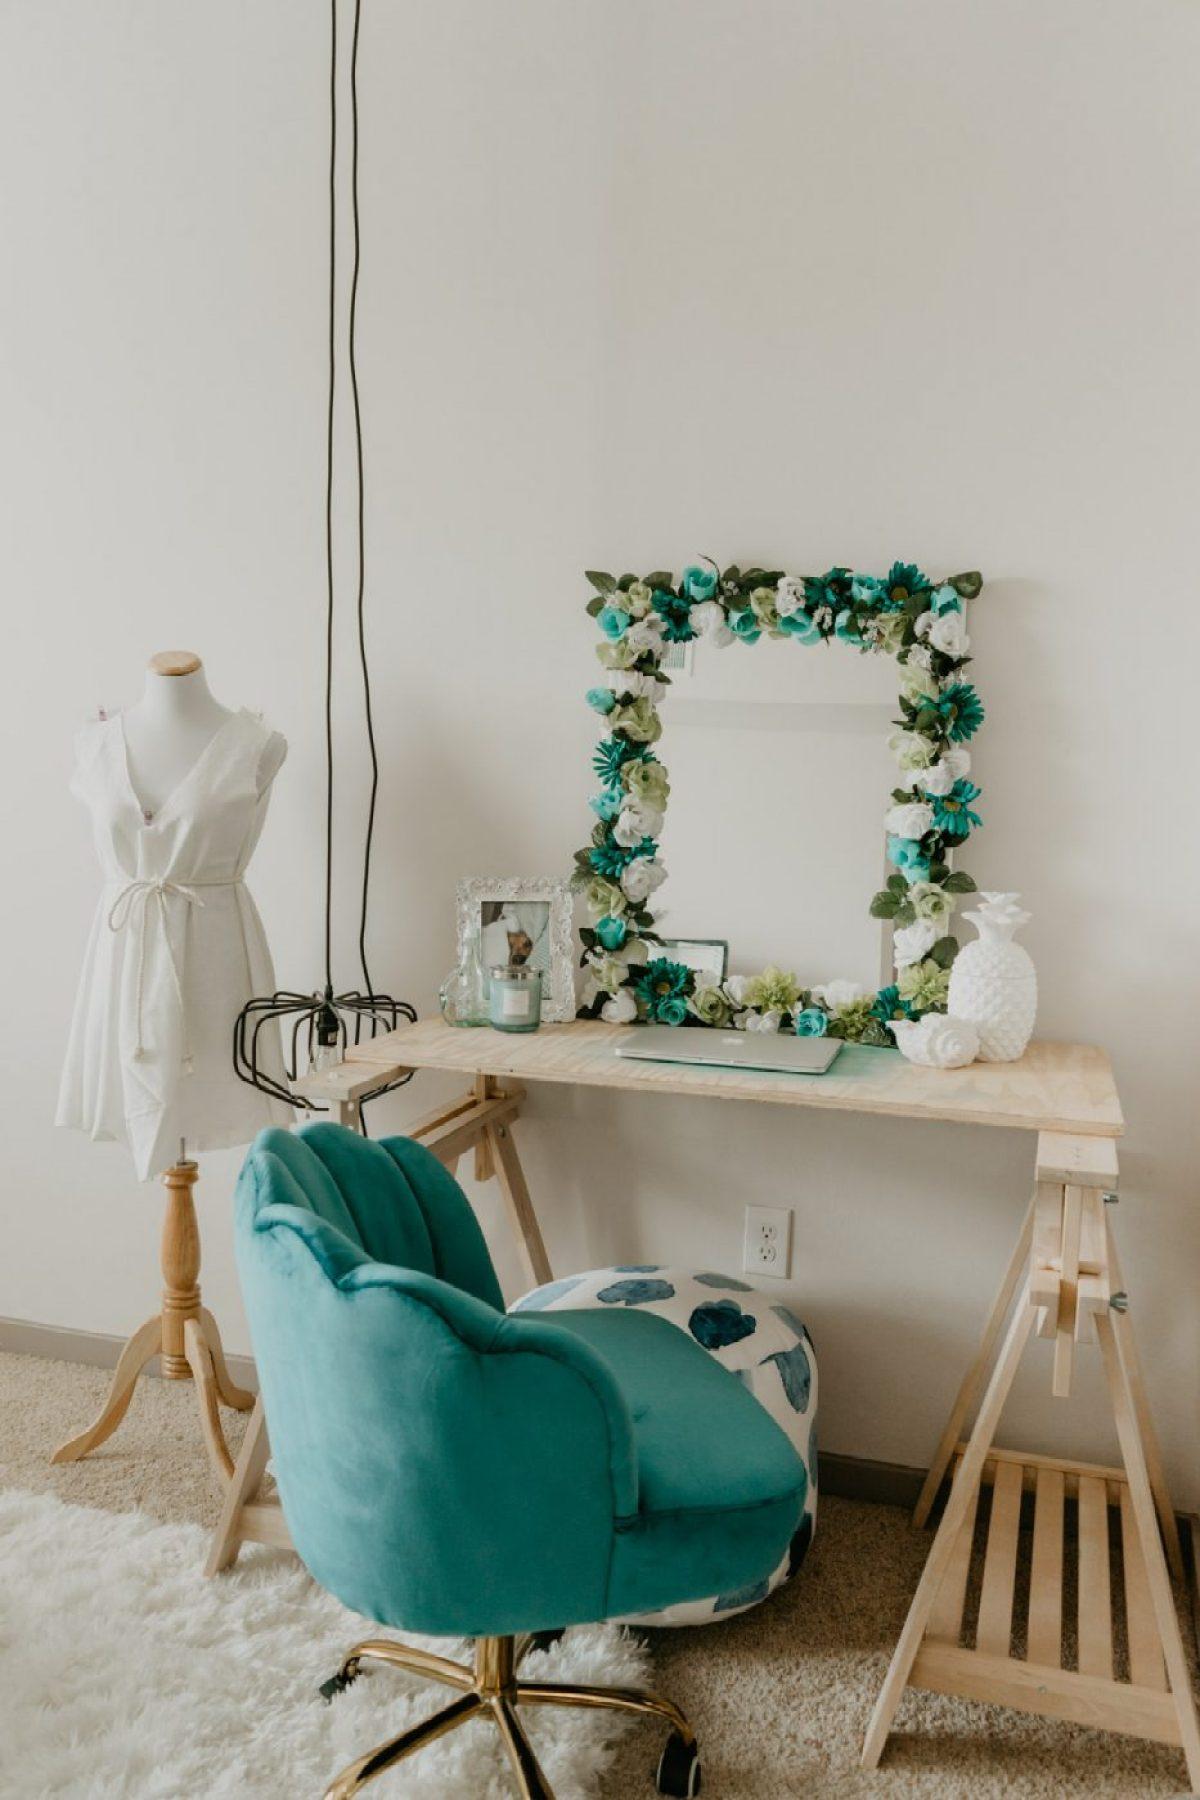 DIY Flower Mirror on Desk - Sweet Teal